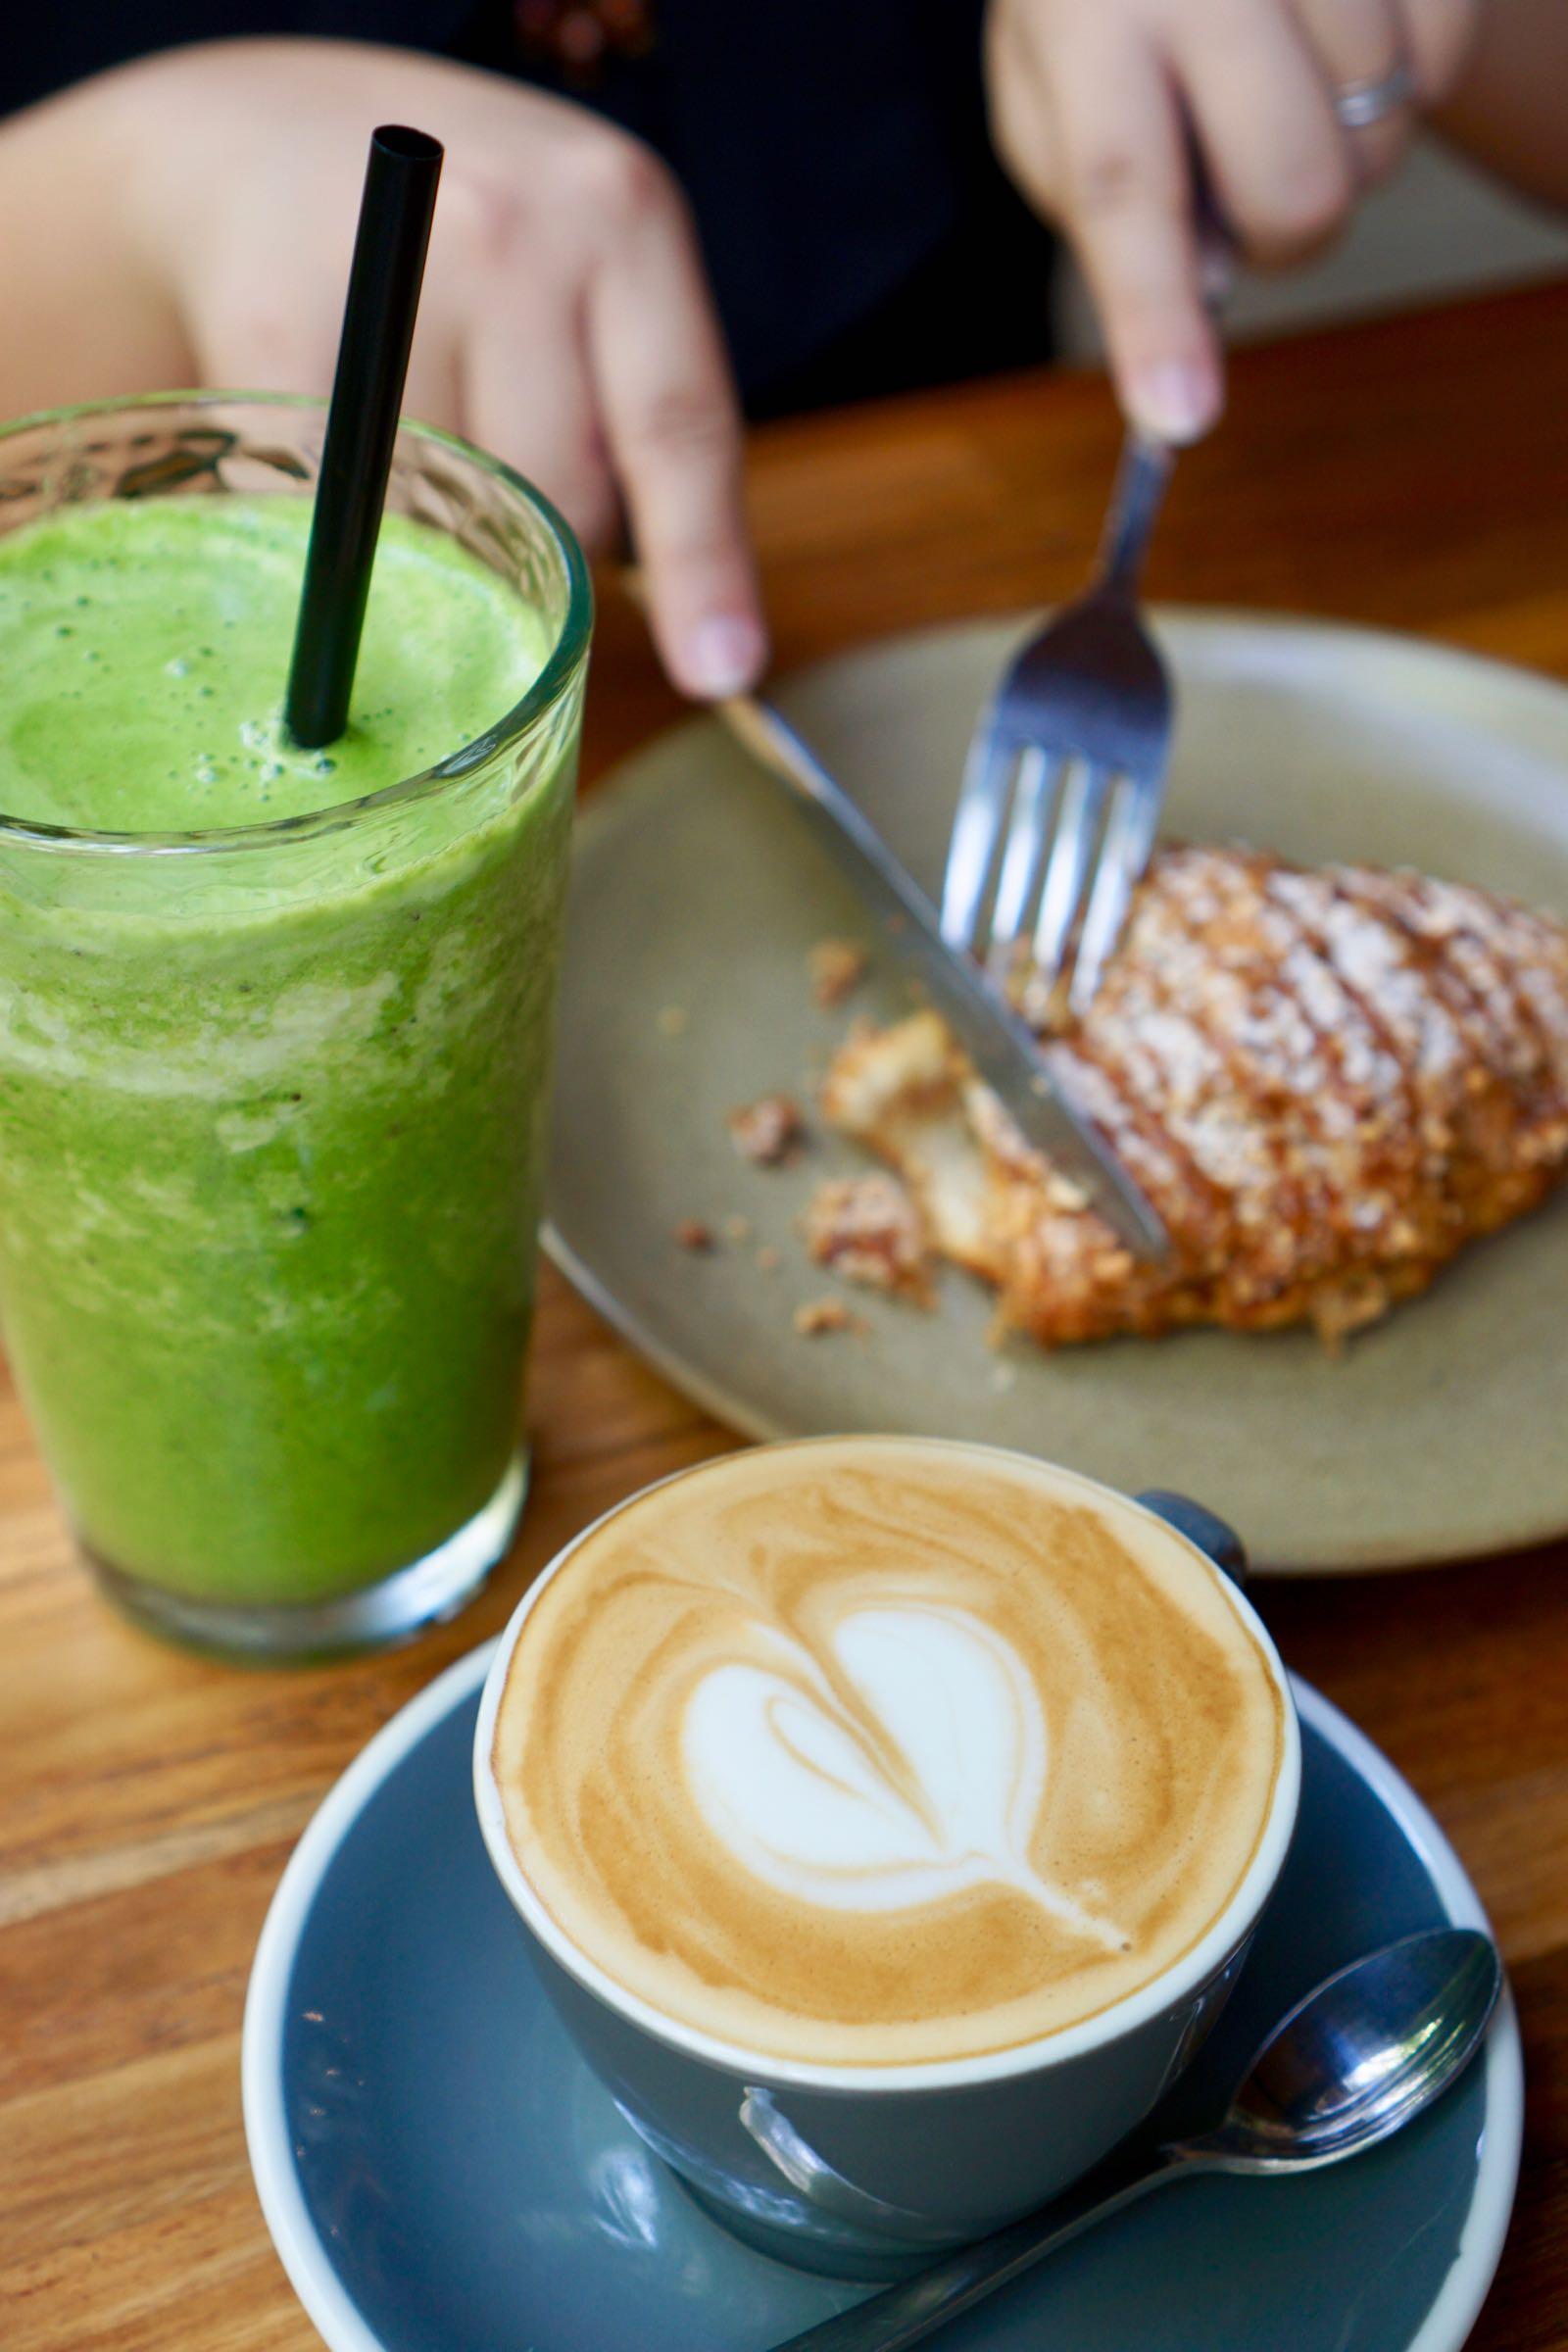 Coffee Juice Pastry Ambrogio